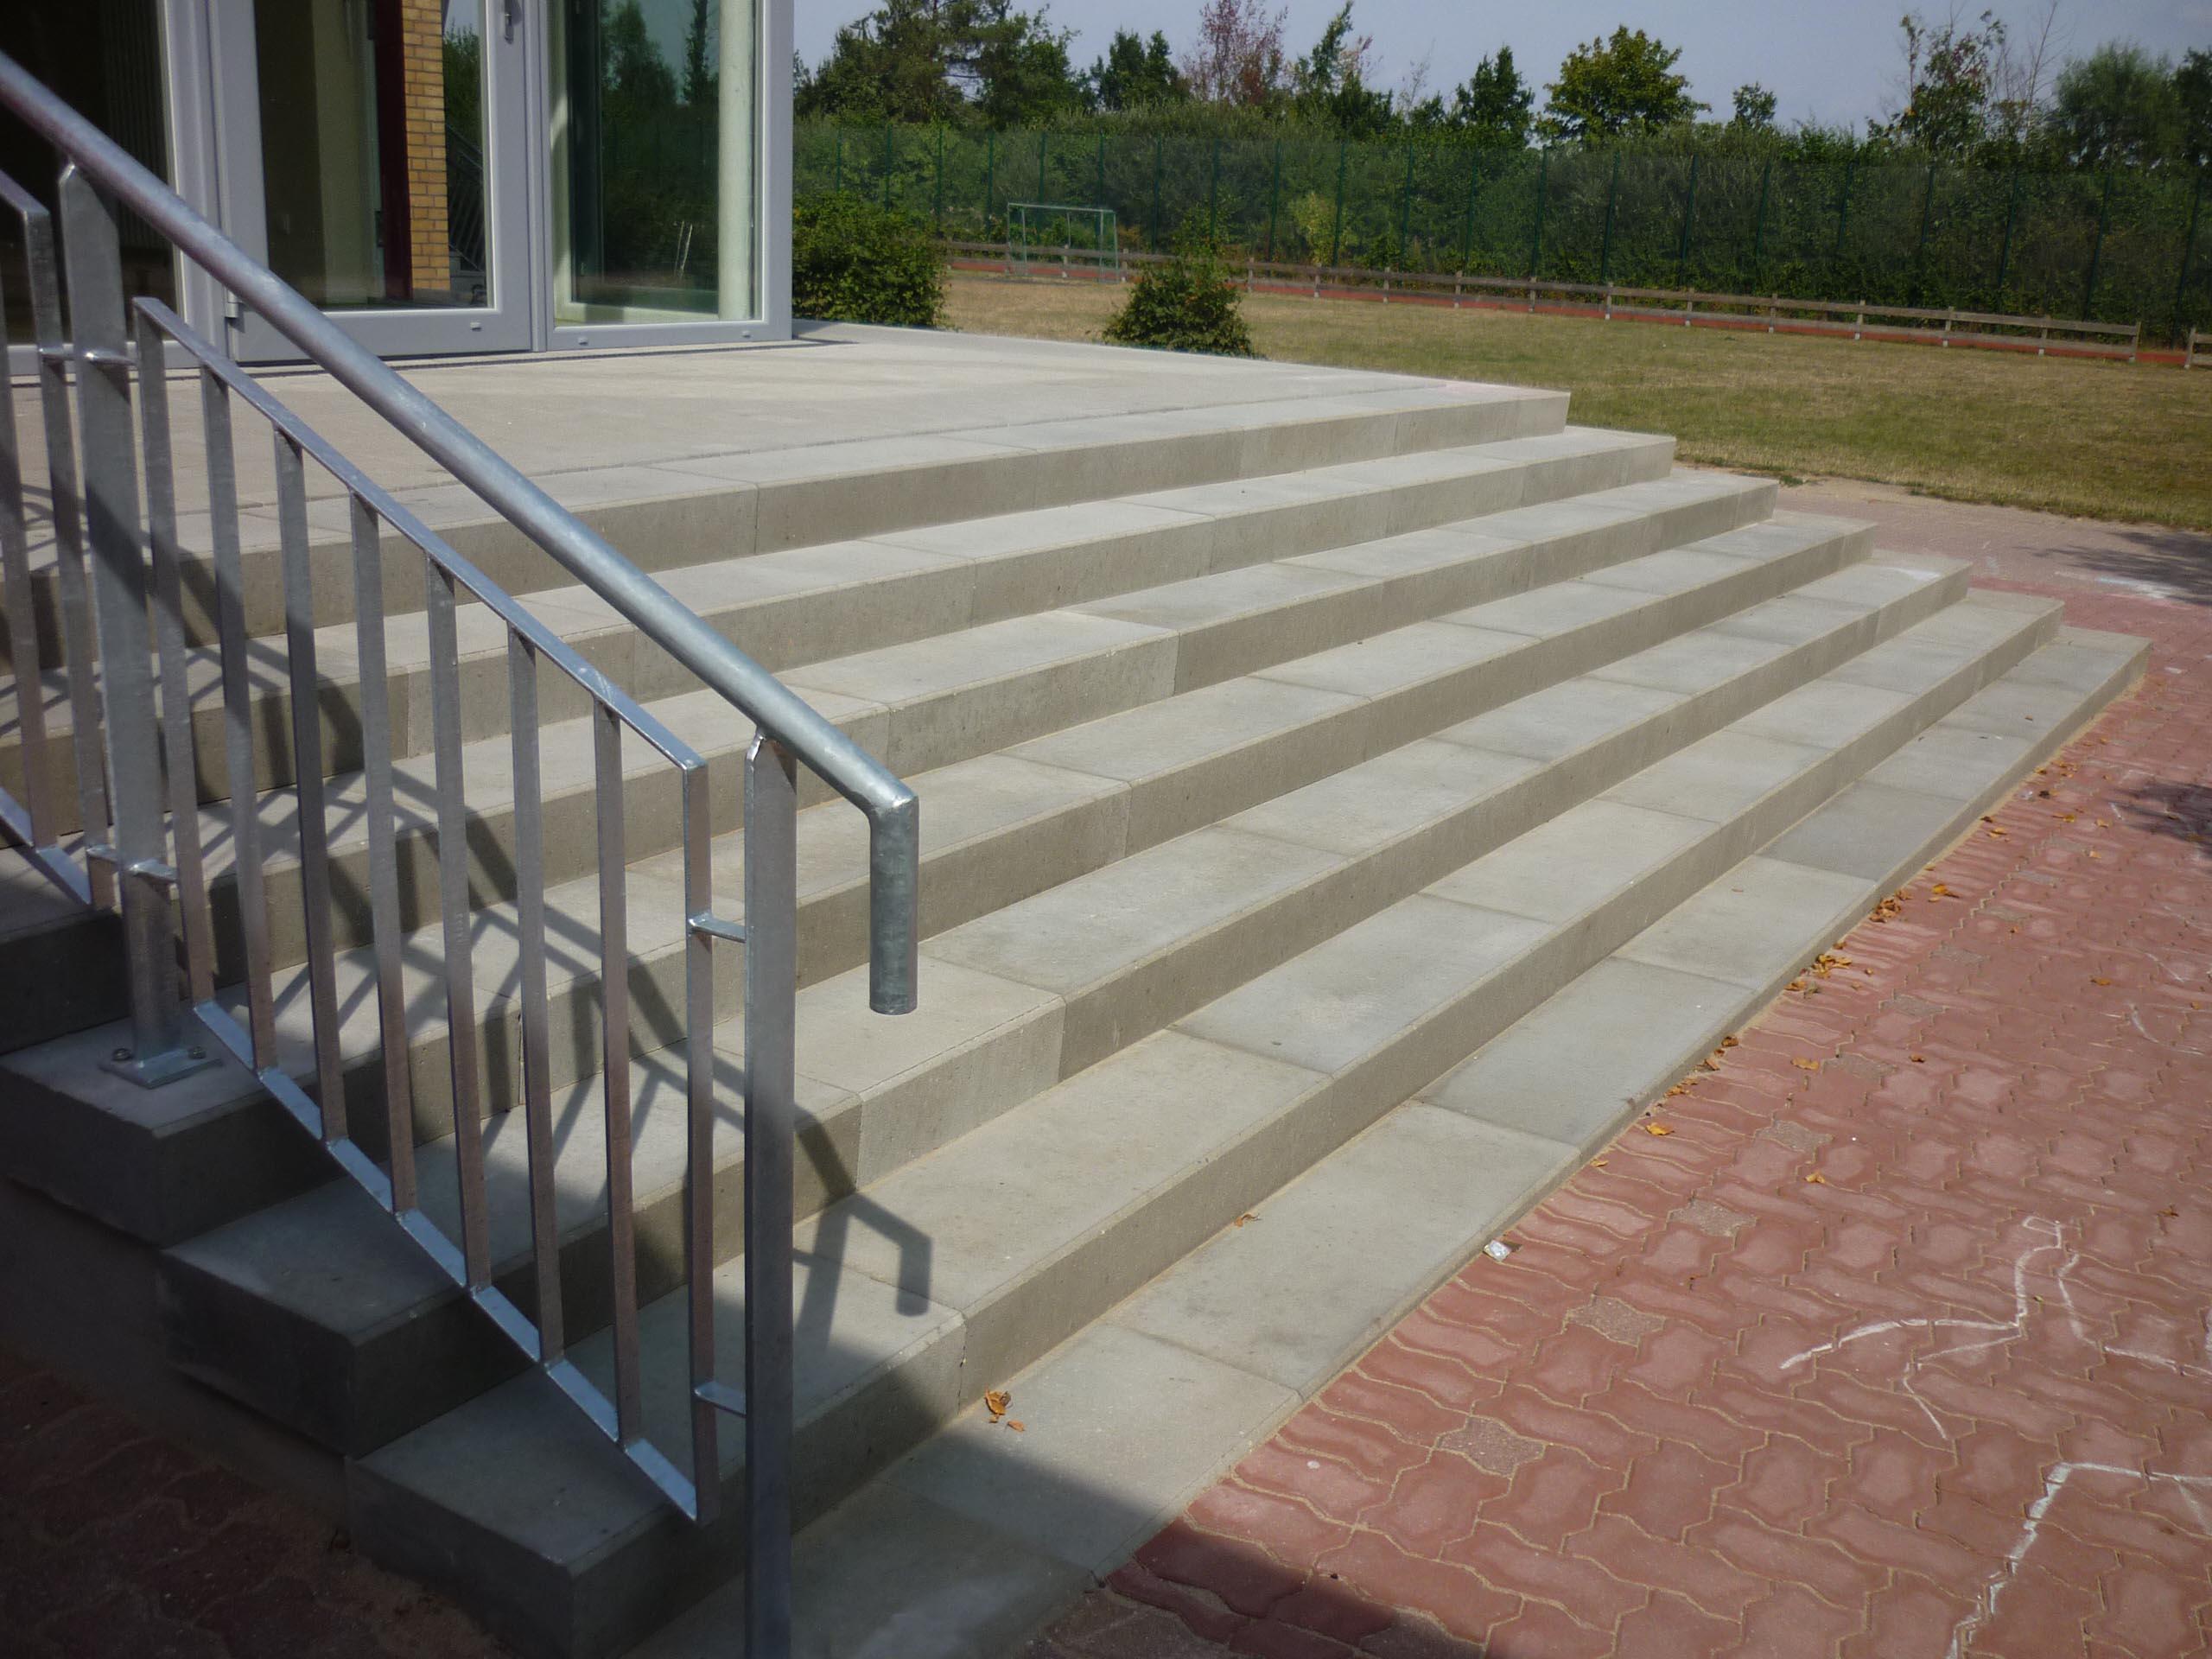 treppenanlage grundschule scharbeutz - rebmann betonsteinwerk gmbh